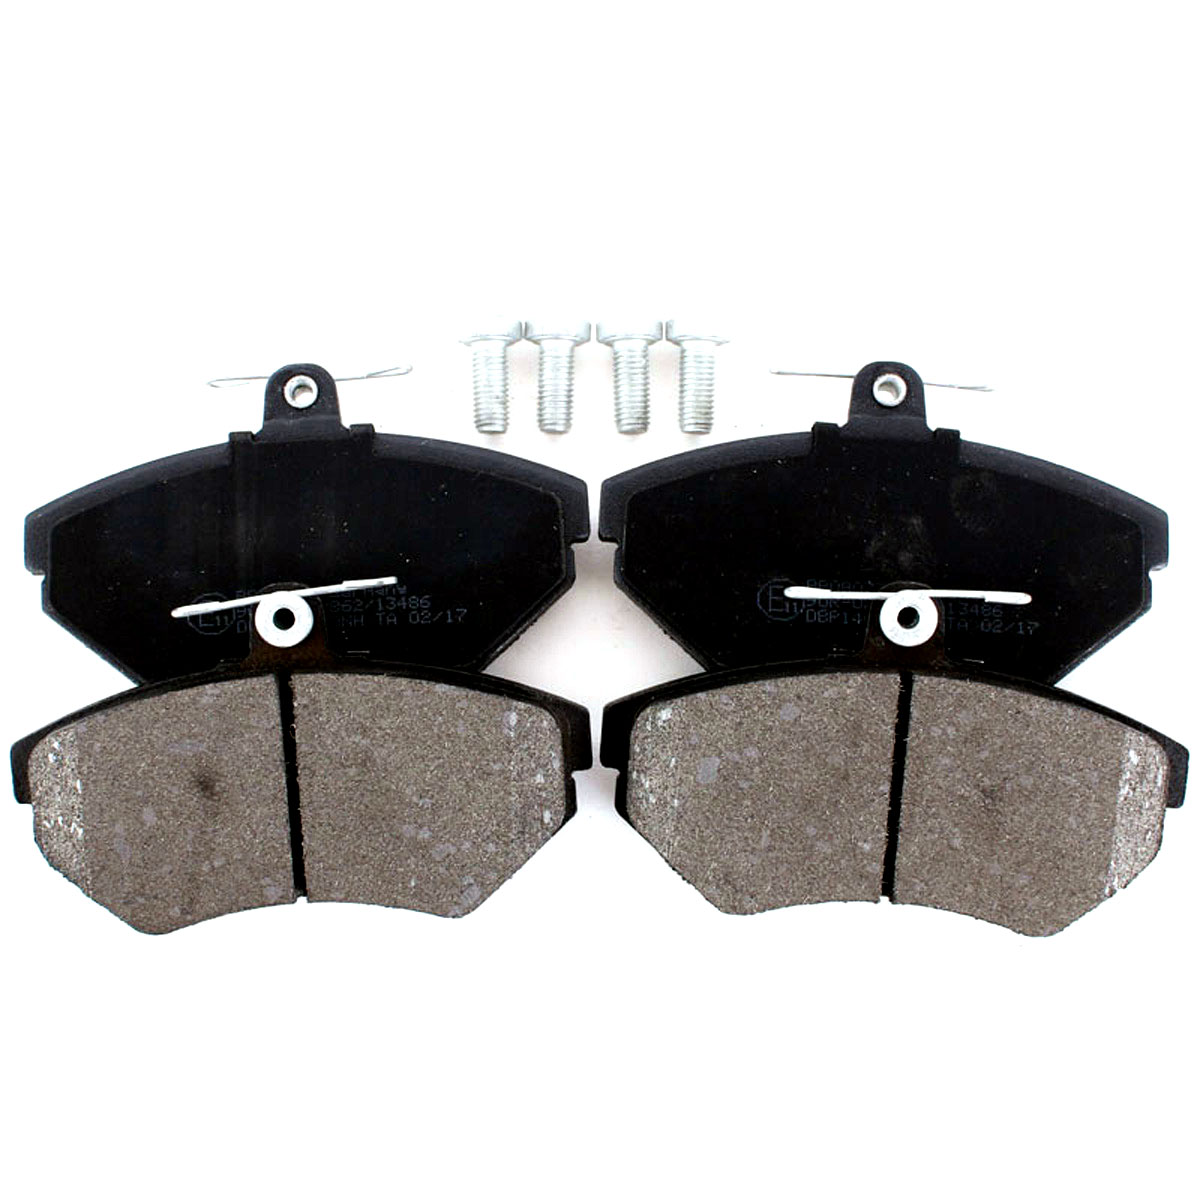 Bremsbelagsatz, Scheibenbremse, Vorderachse für Seat, VW, BB08077